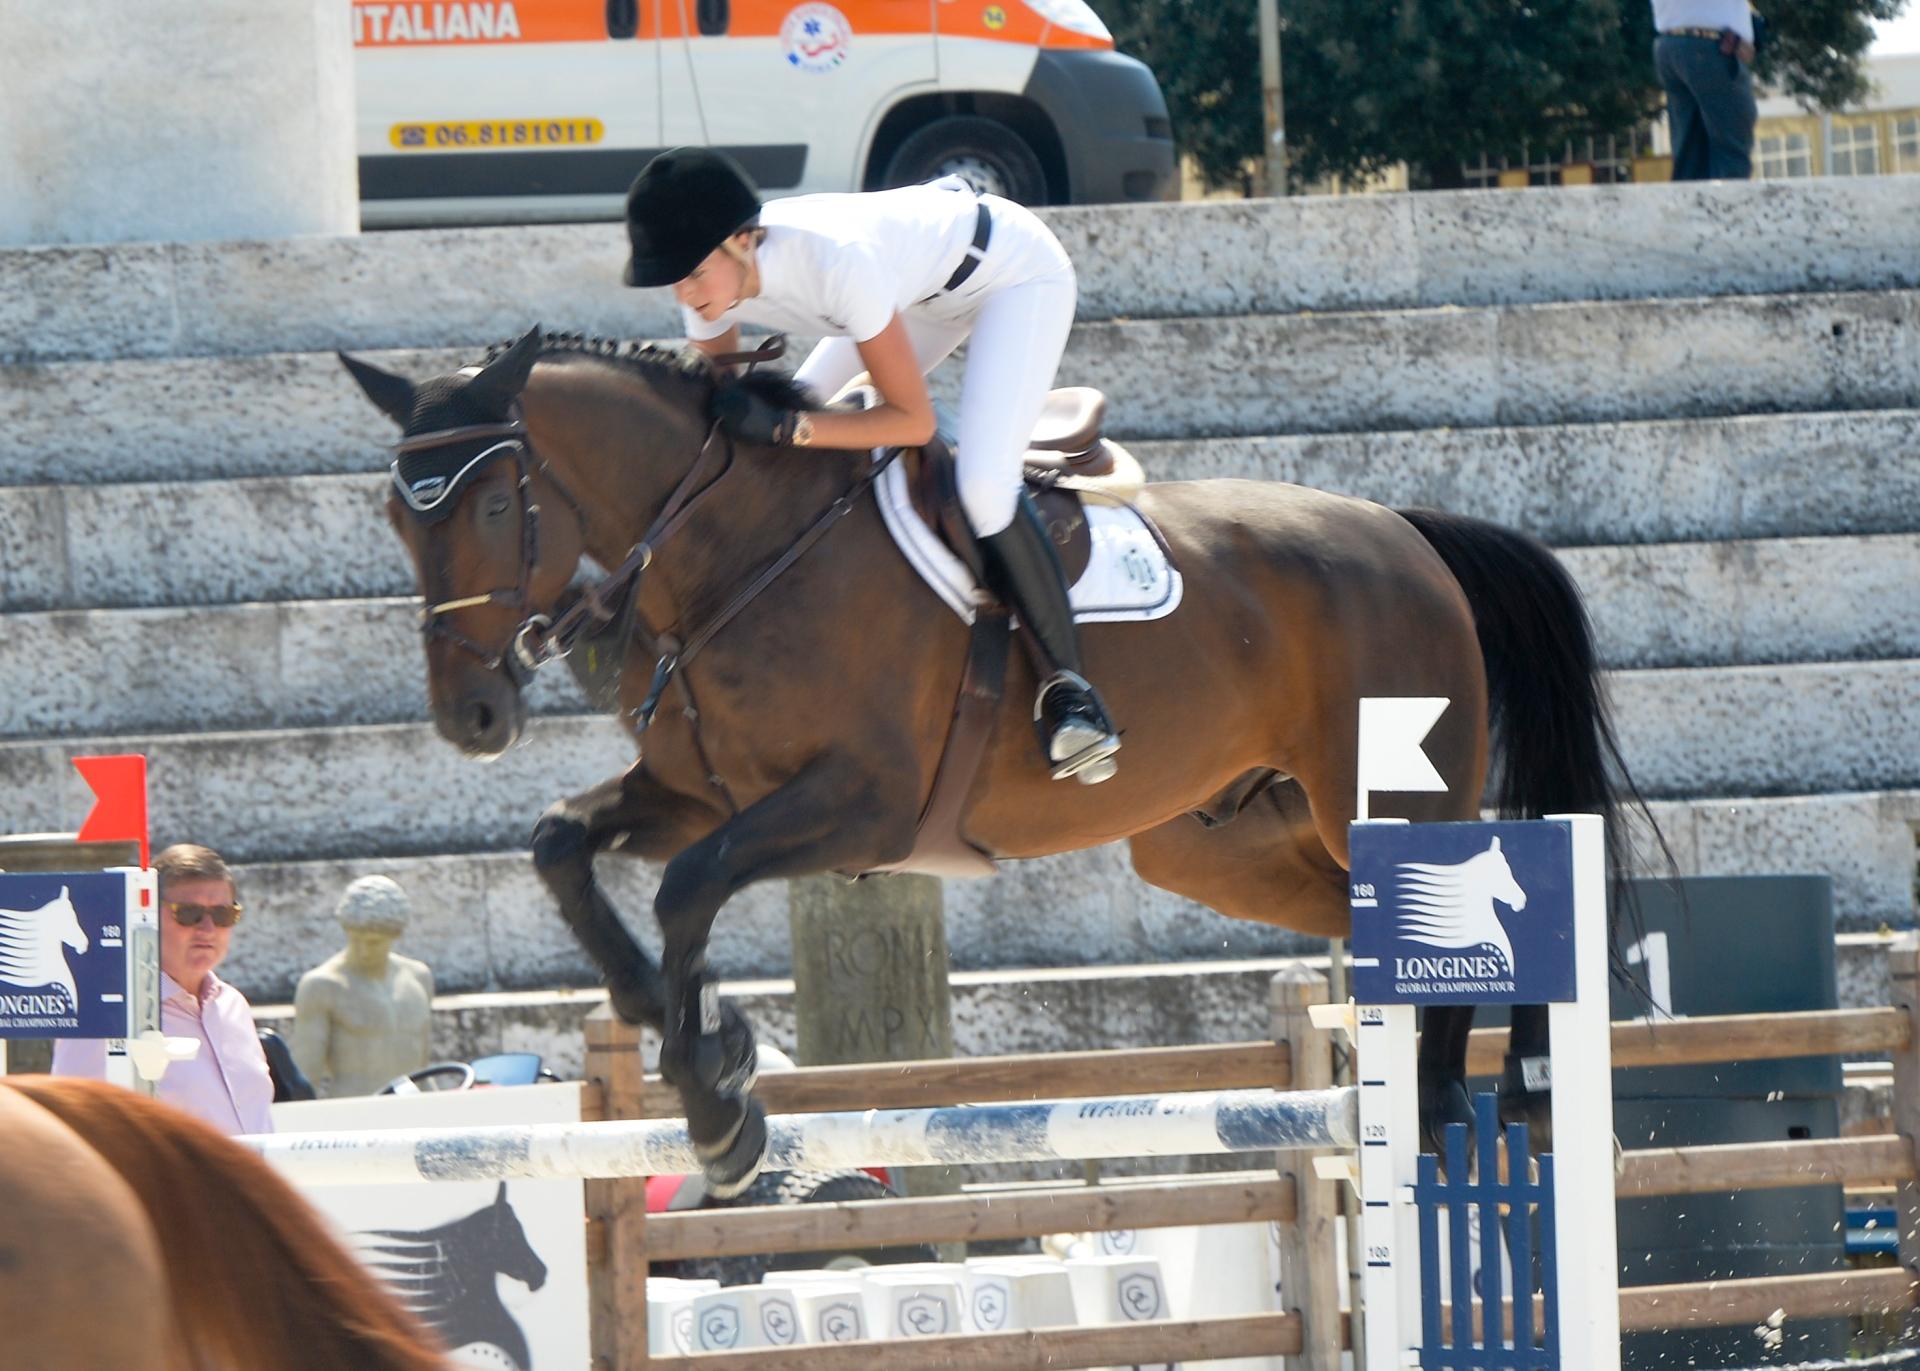 Le Associazioni Equestri Scrivono Alla Fise Urge Sostegno Economico Il Tempo